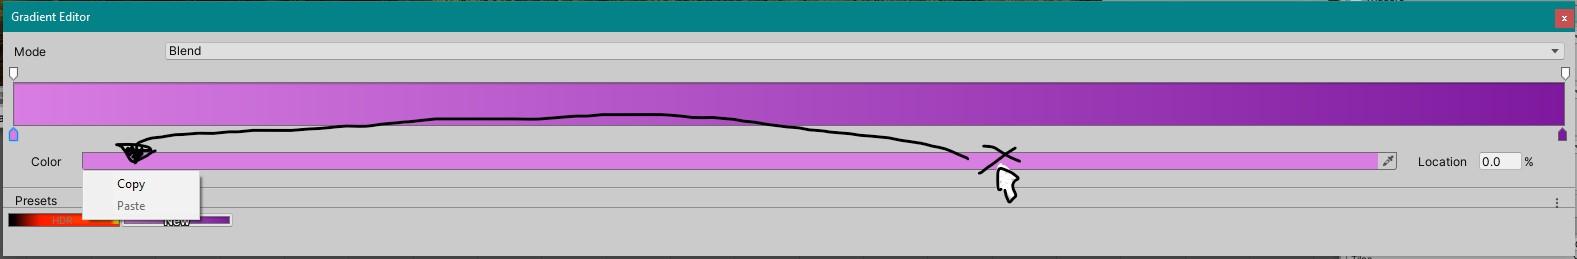 shuriken_gradient_color_copy_context_menu.jpg